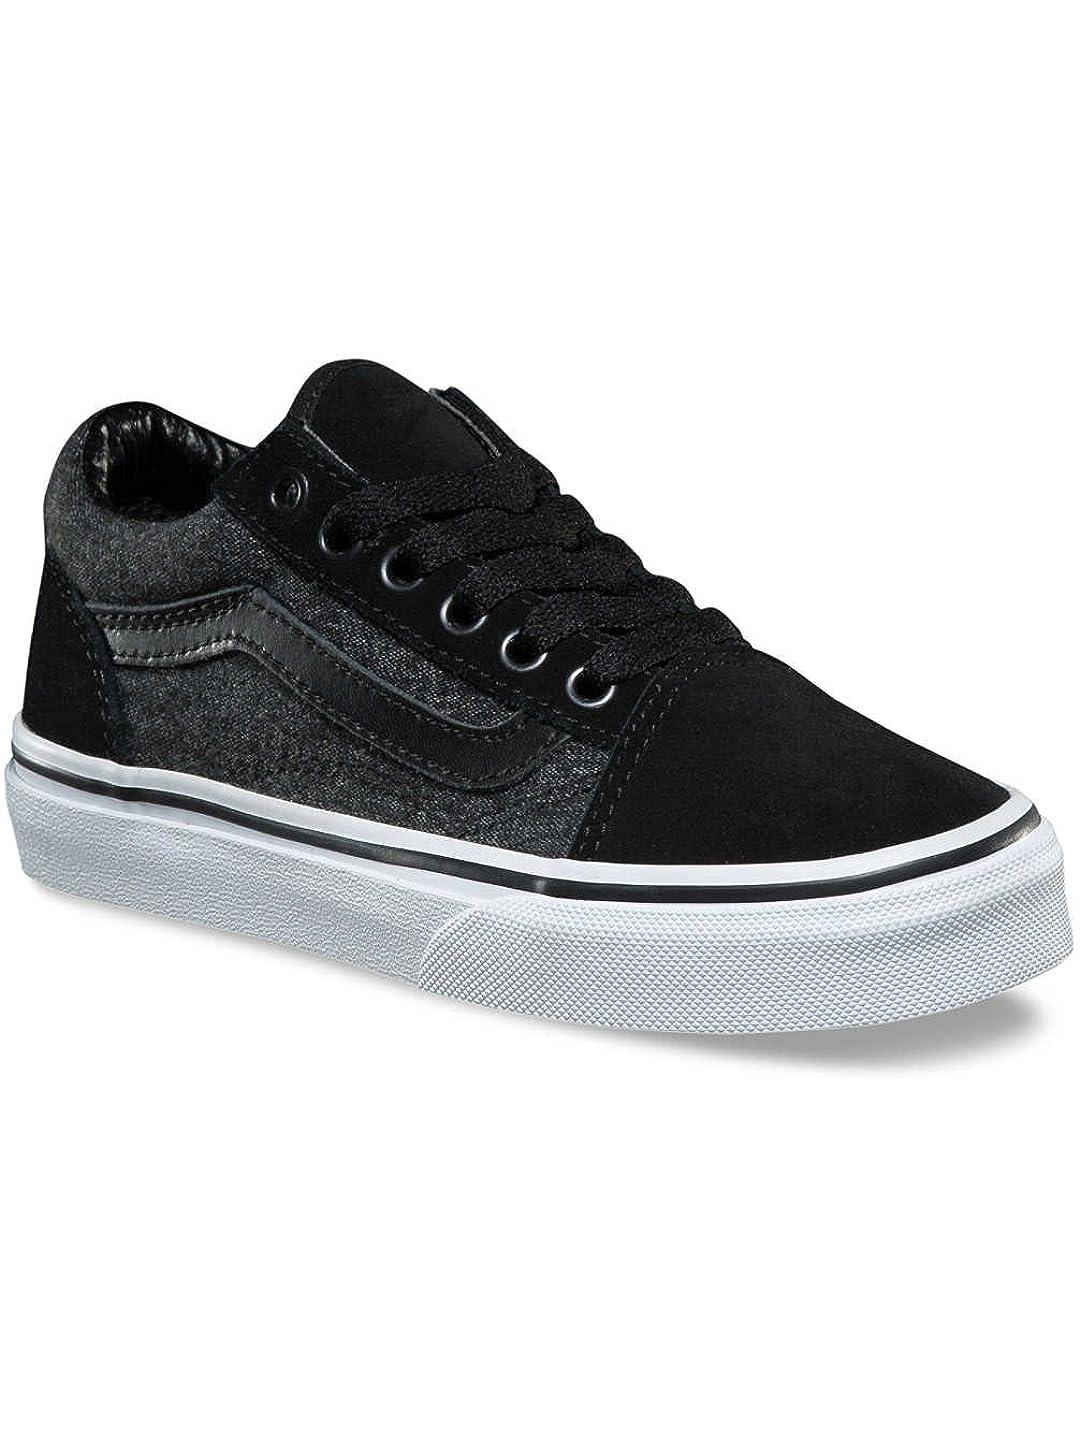 Vans Kids Old Skool Suede Skate Sneaker